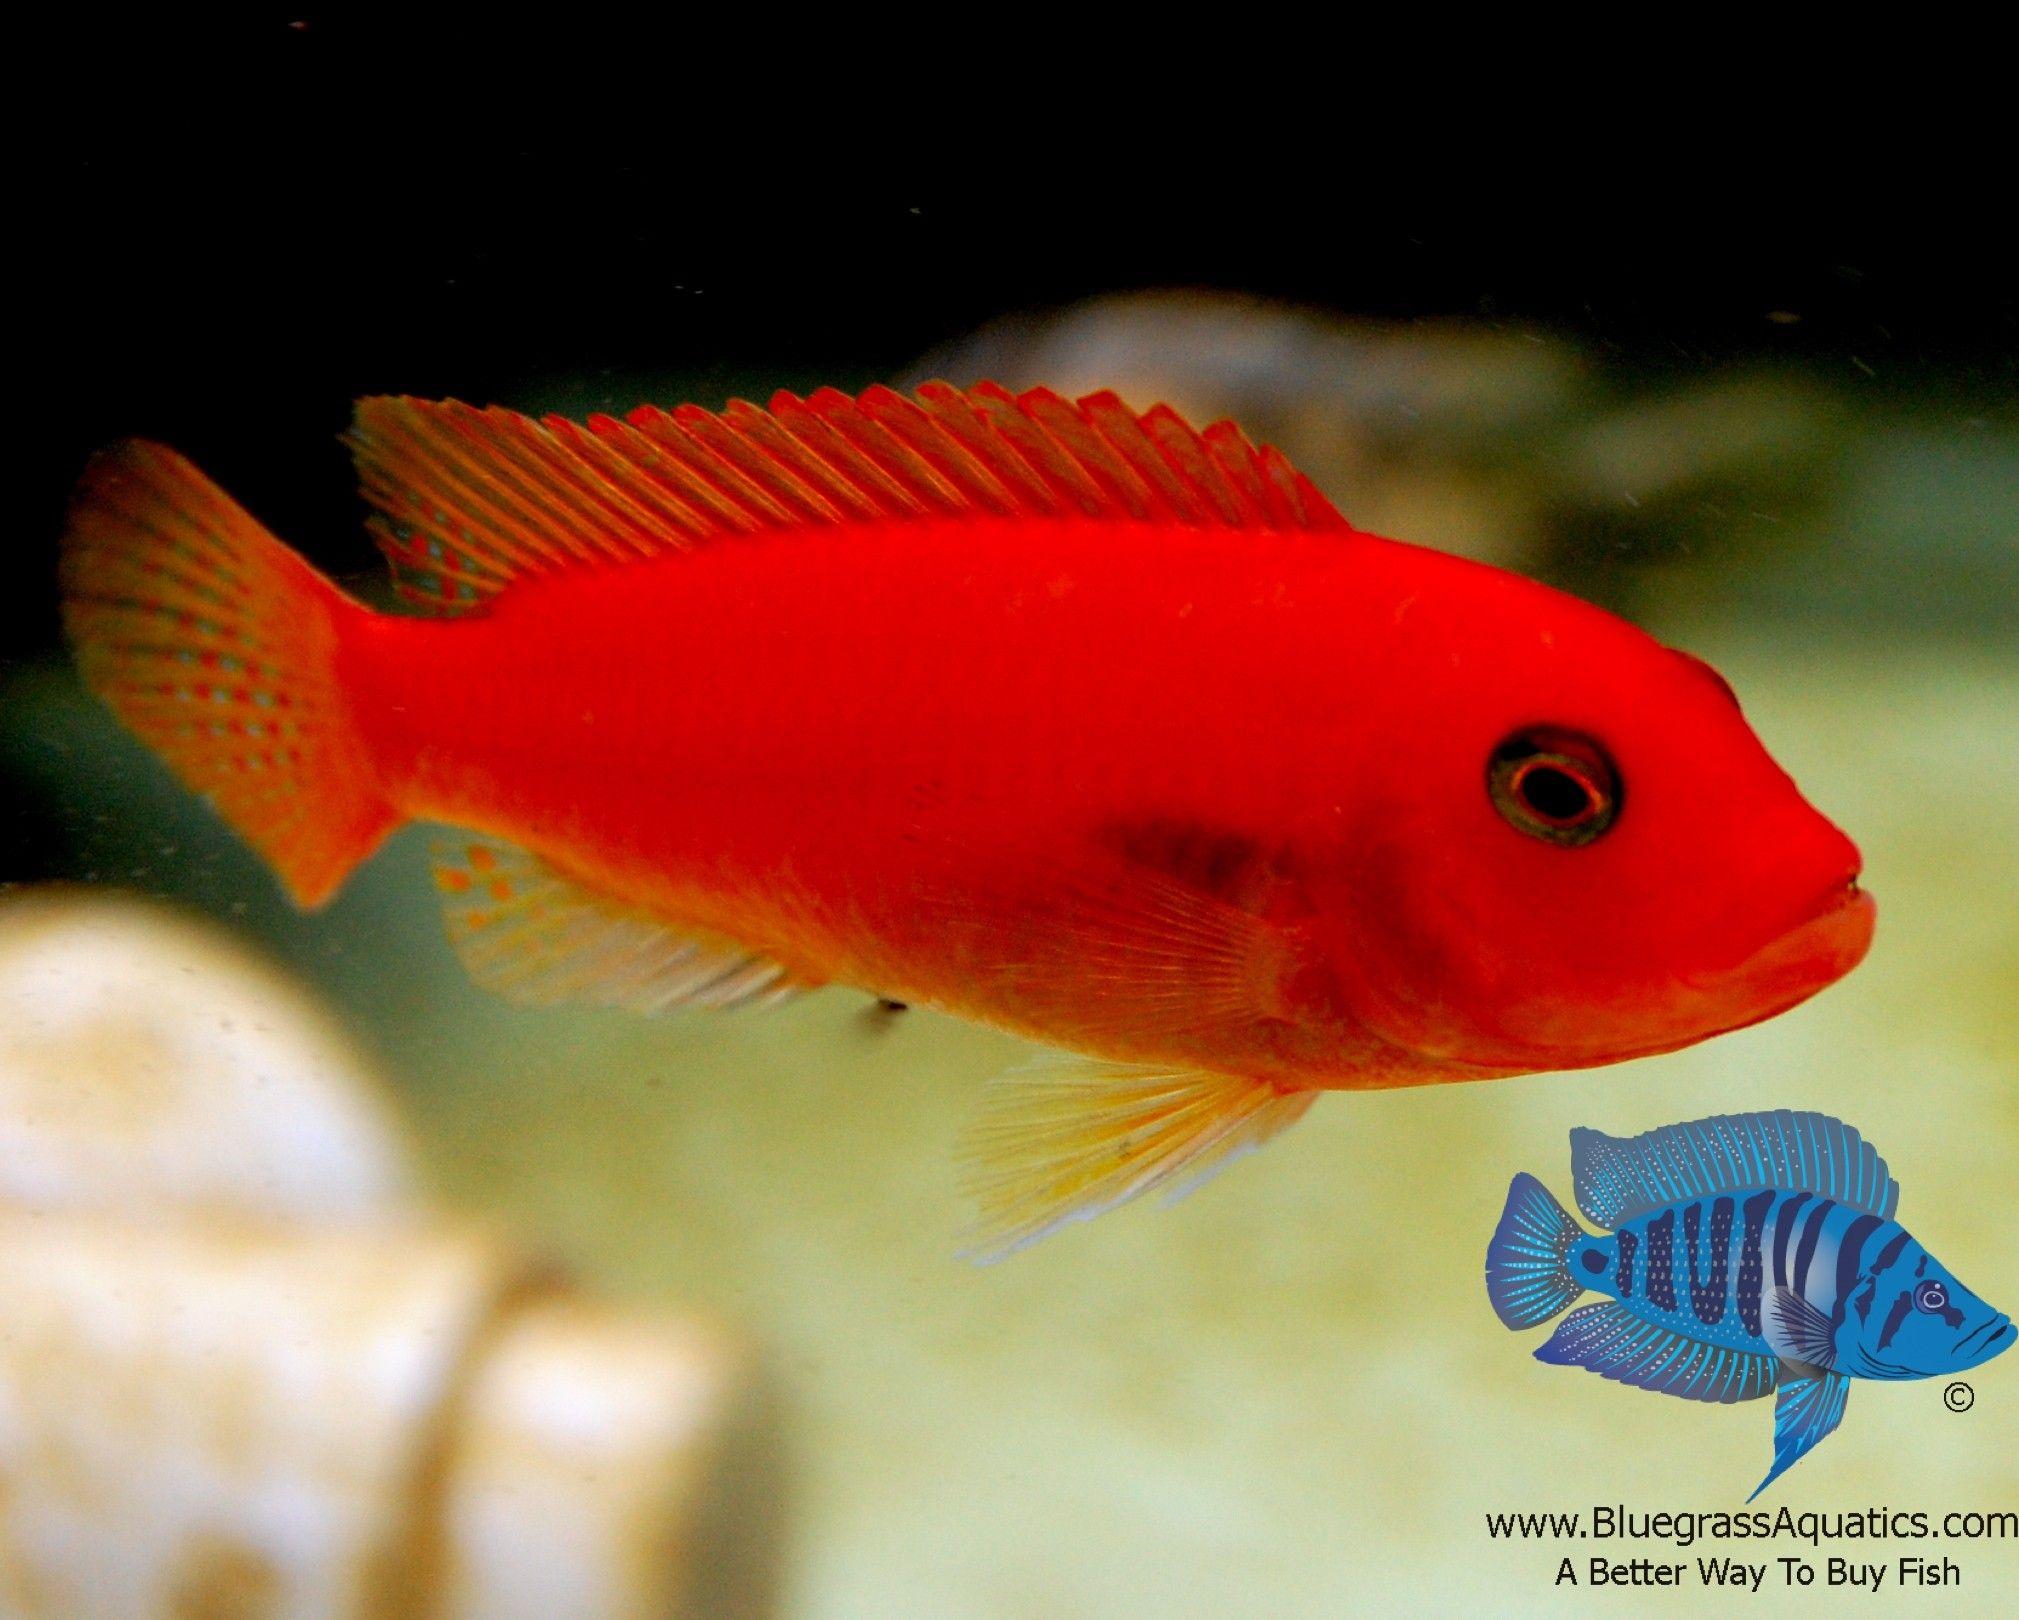 Fish aquarium information - Pseudotropheus Sp Red Zebra Cherry Red Regular